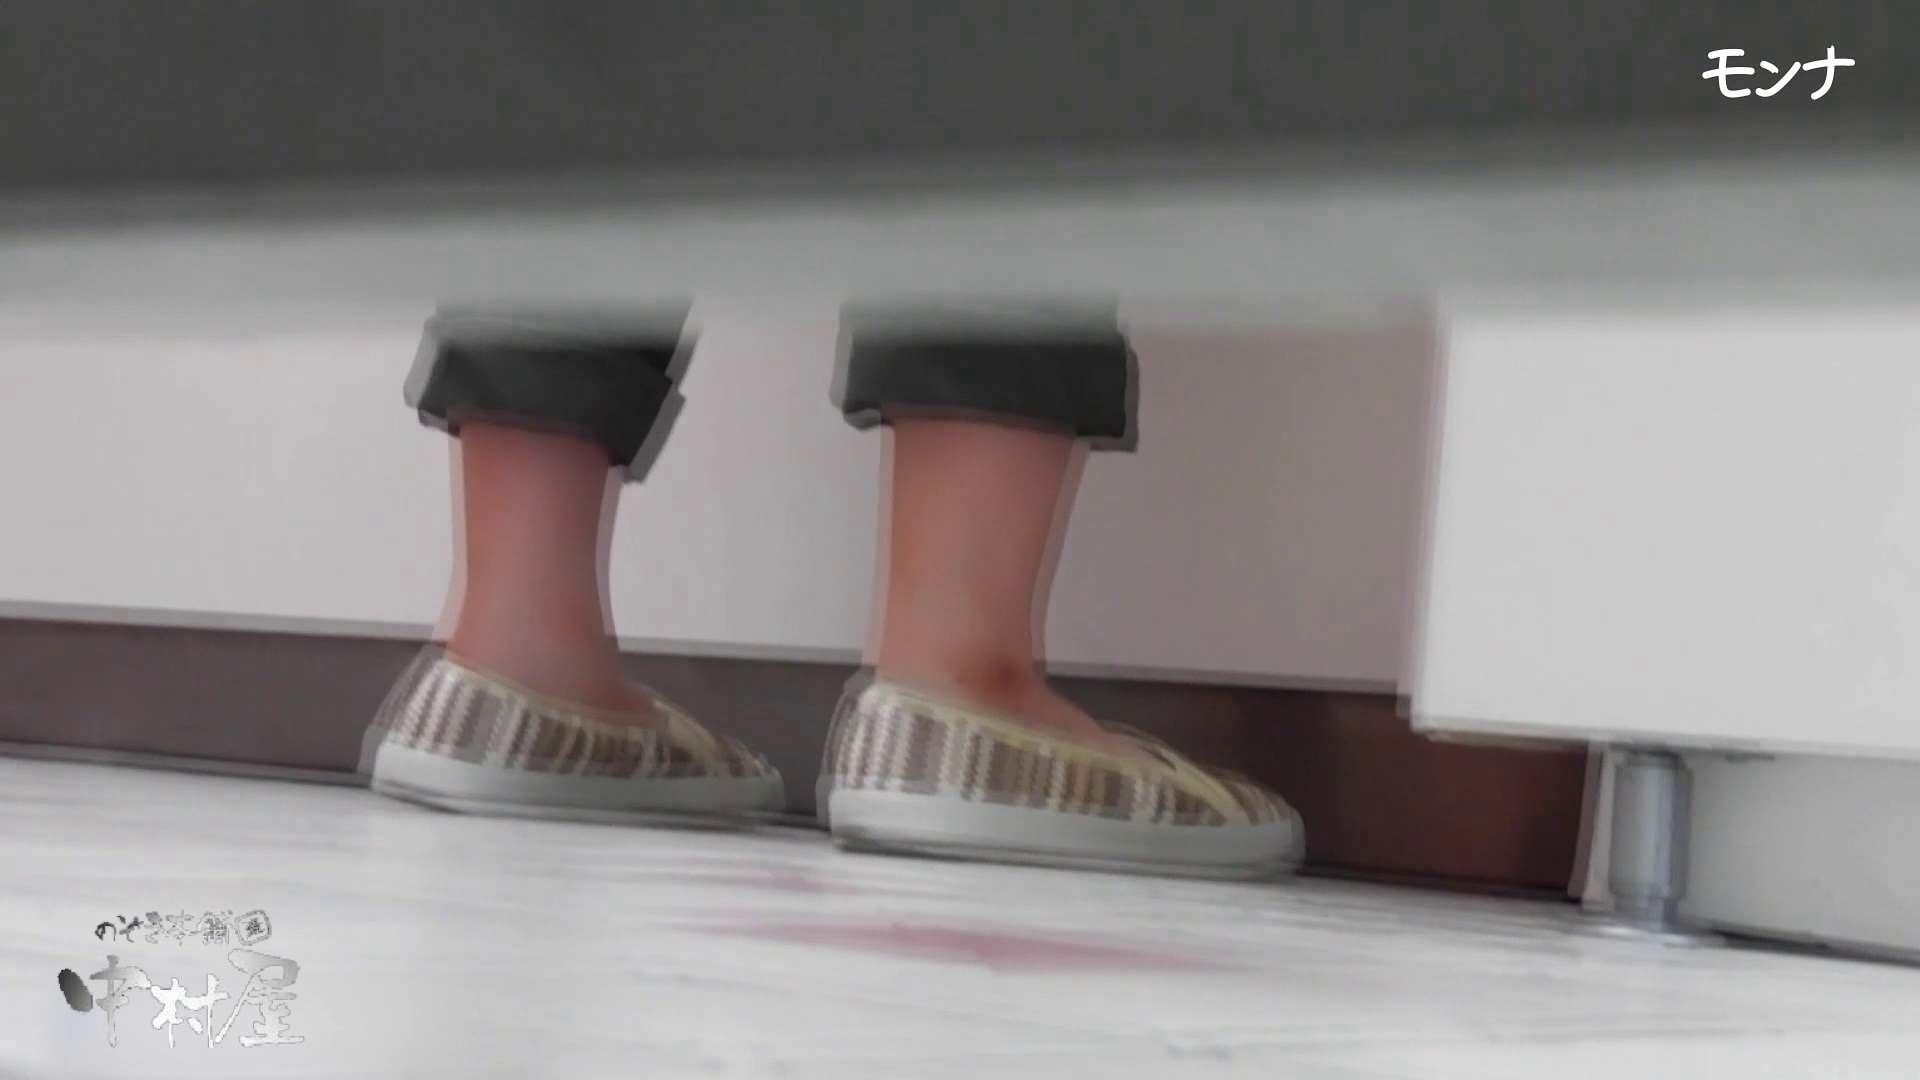 【美しい日本の未来】美しい日本の未来 No.69 ひやっと!終始15cmのしらすを垂らしながら・・・  85枚